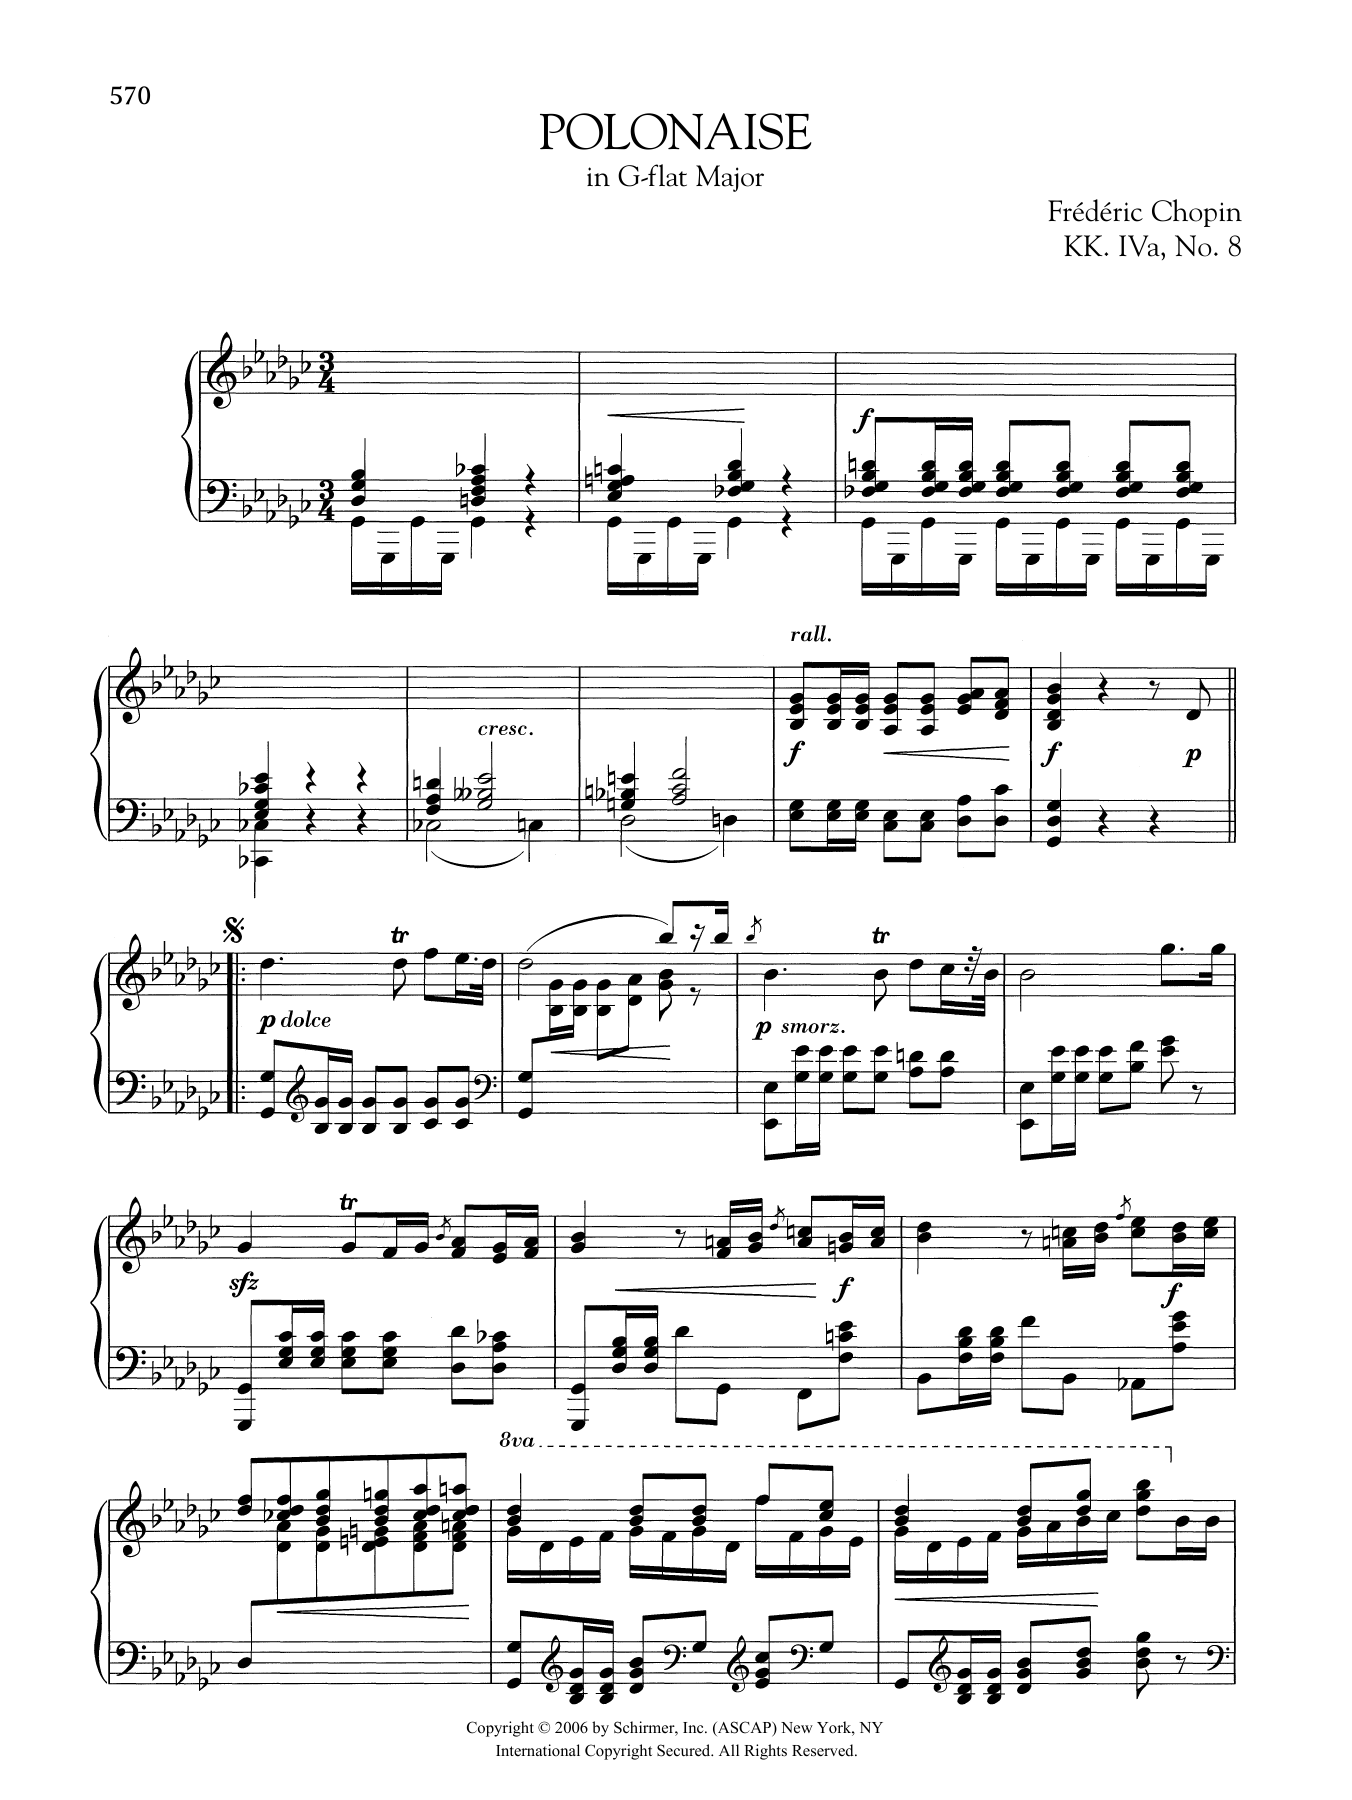 Polonaise in G-flat Major, KK. IVa, No. 8 Sheet Music